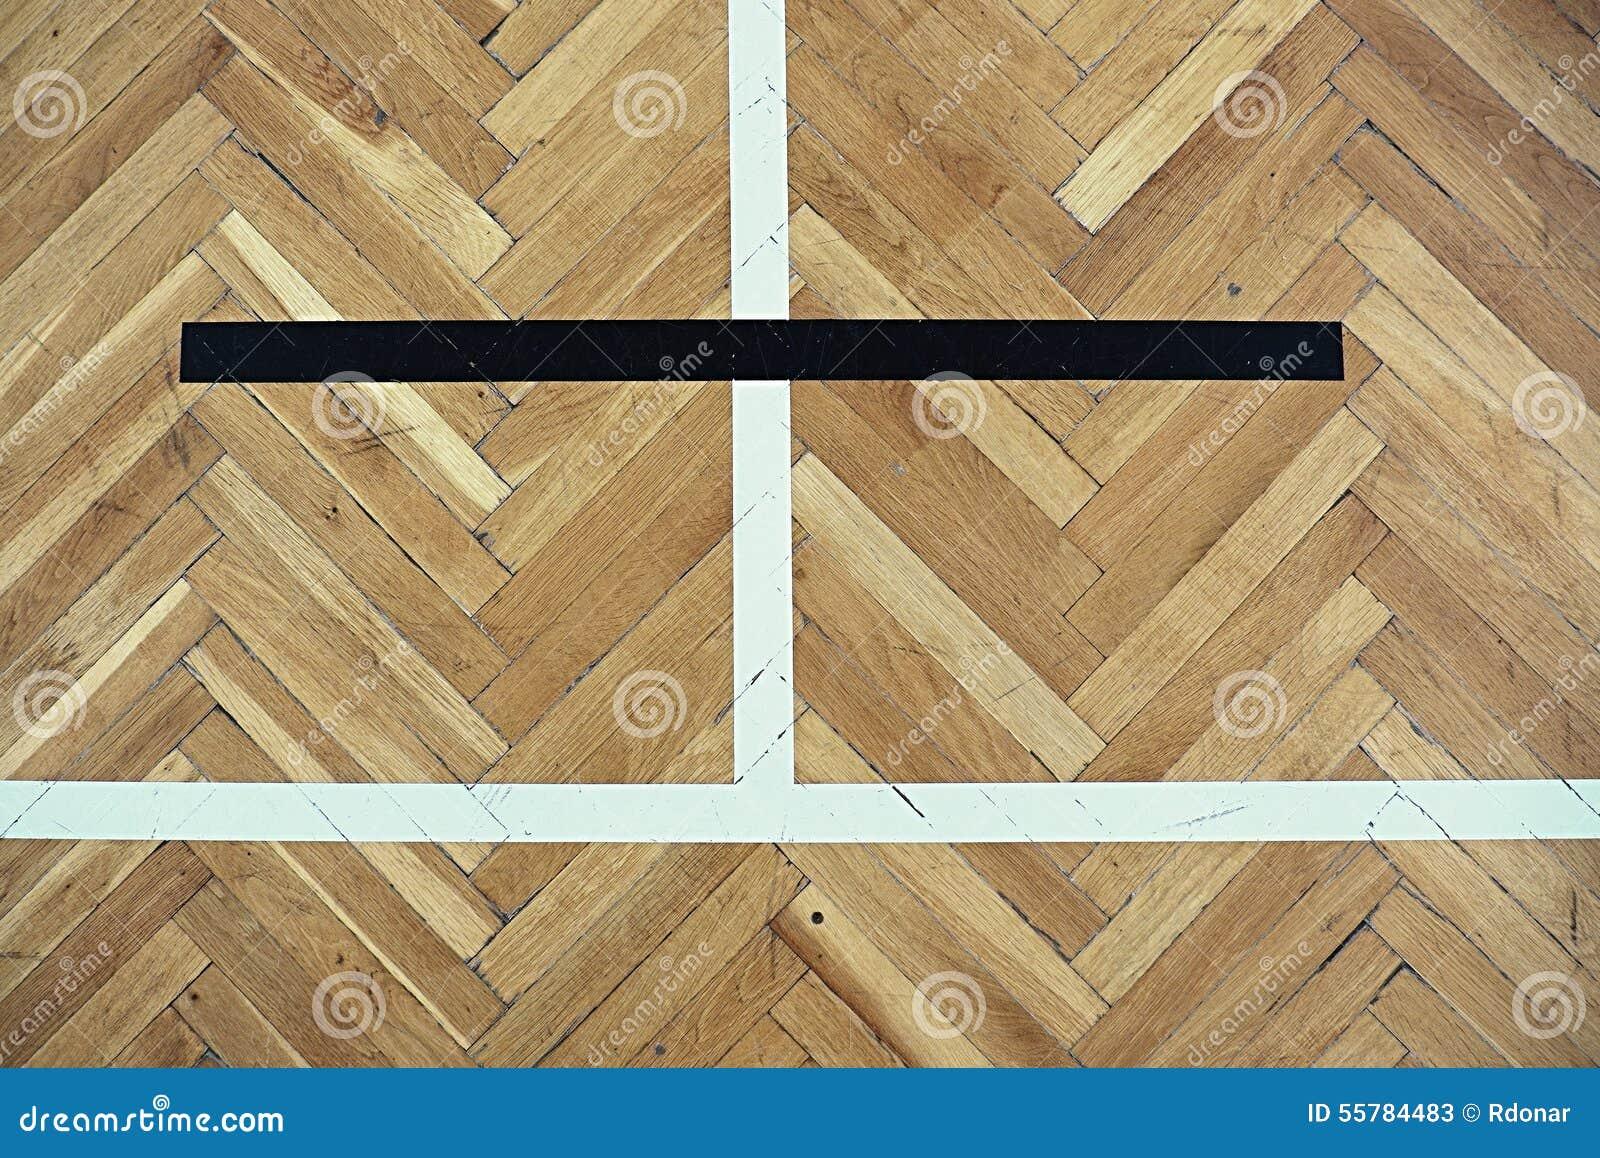 Oude Houten Vloeren : Uitgeputte oude houten vloer van sporthal met kleurrijke het merken